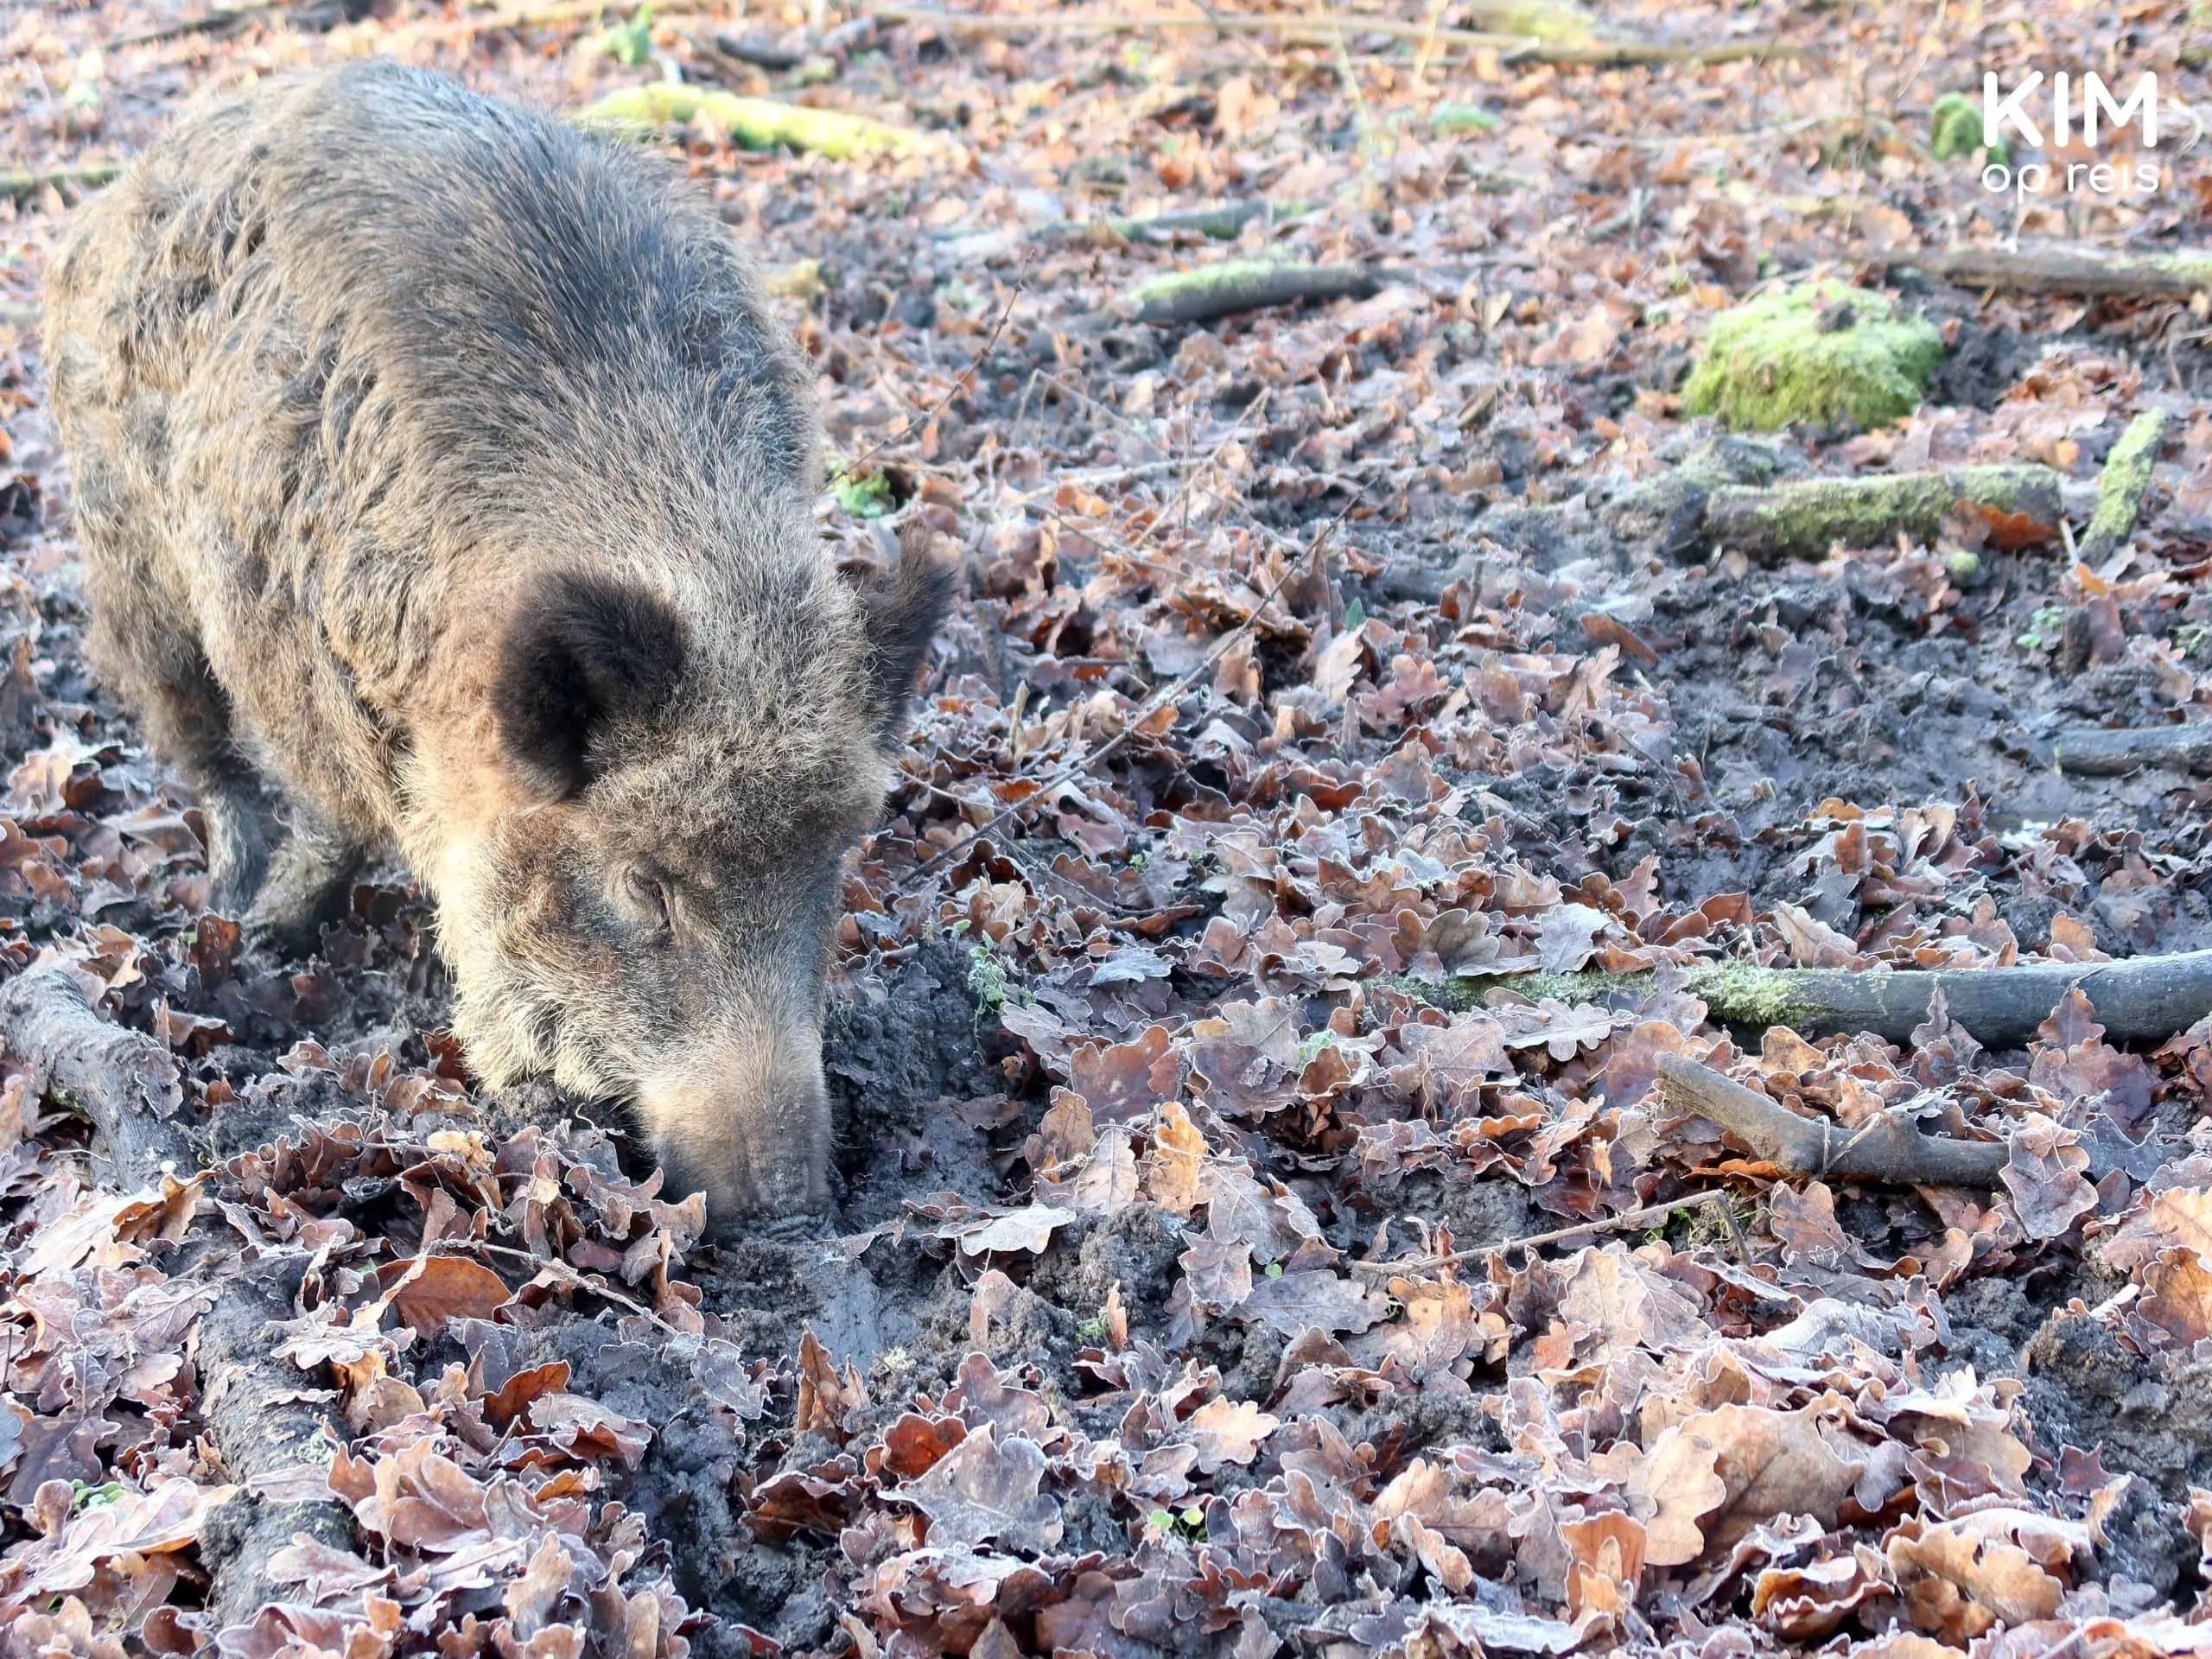 Natuurpark Lelystad wild zwijn: wild zwijn zoekt voedsel tussen de herfsbladeren